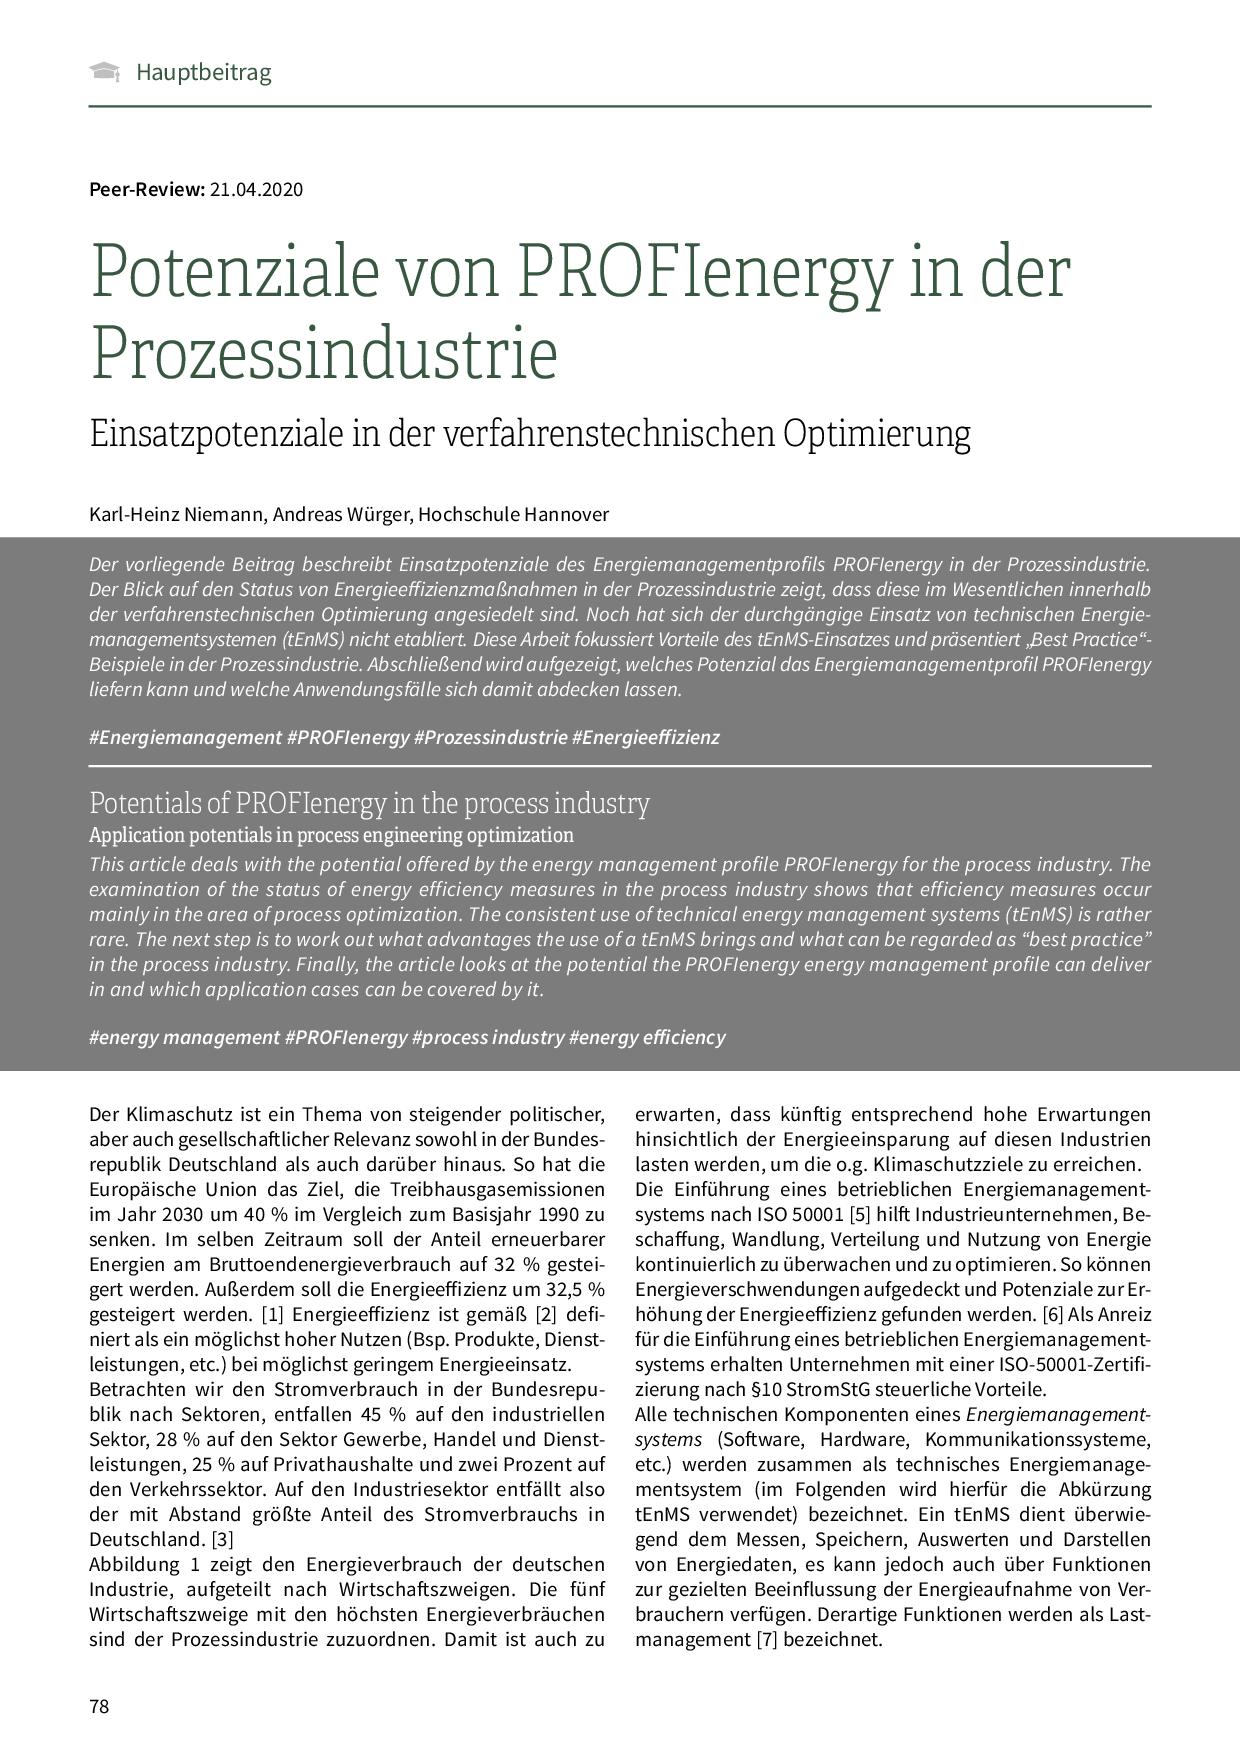 Potenziale von PROFIenergy in der Prozessindustrie